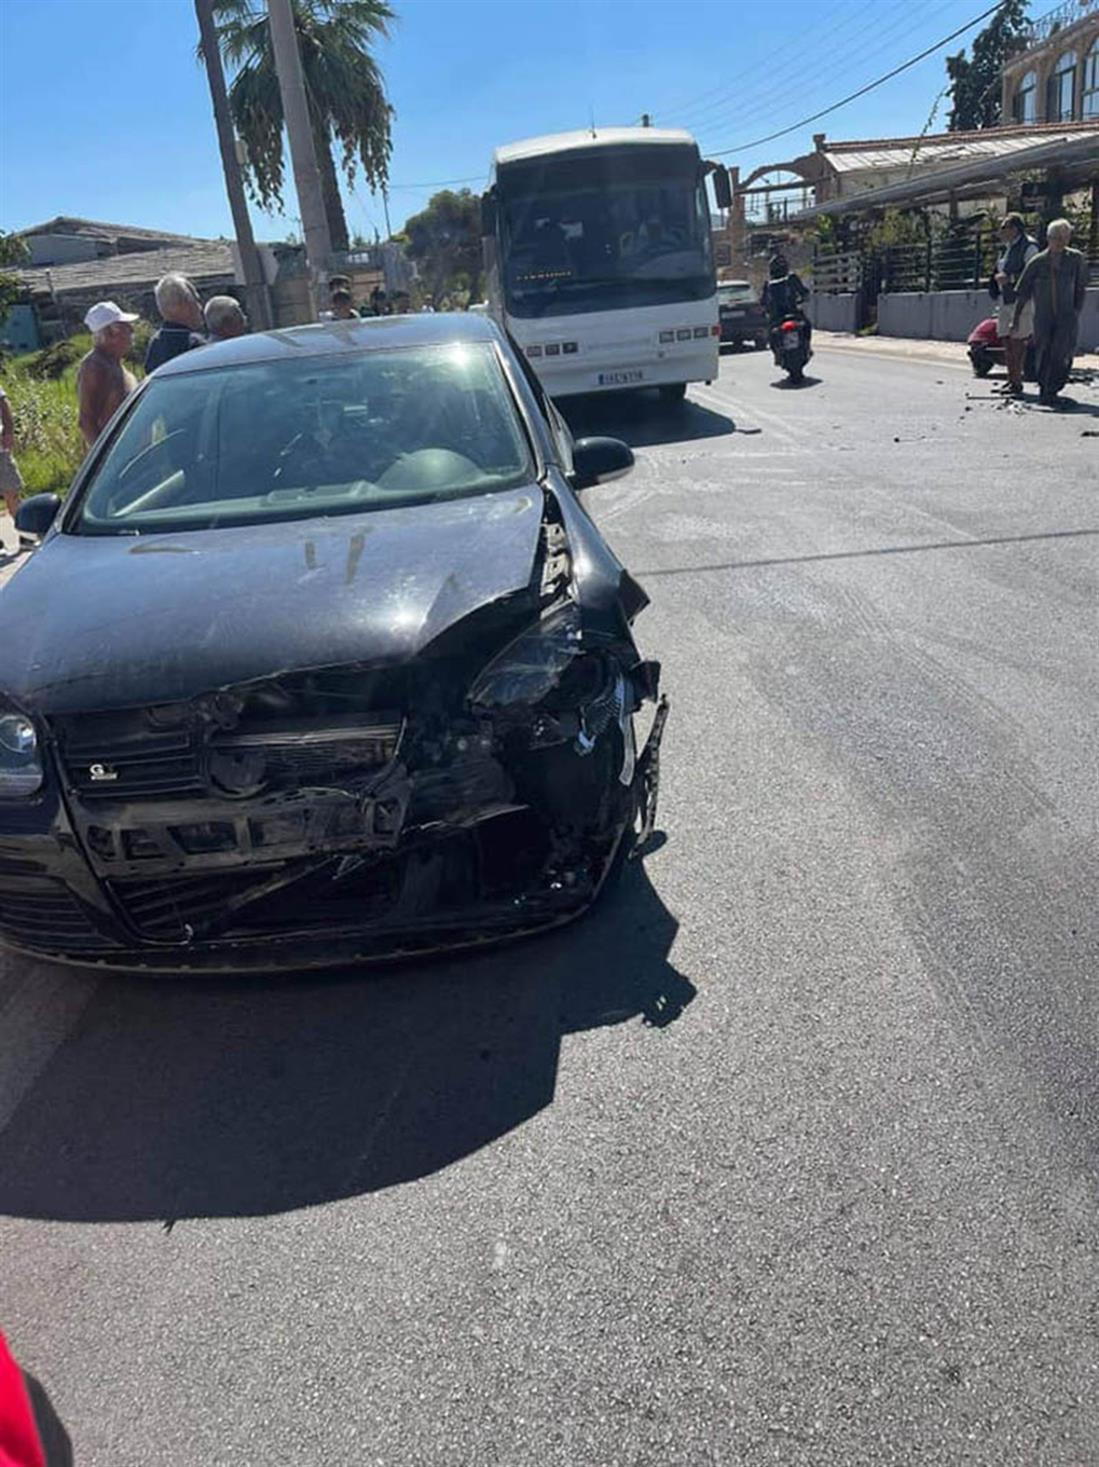 Λούτσα - Αρτέμιδα - Τροχαίο ατύχημα